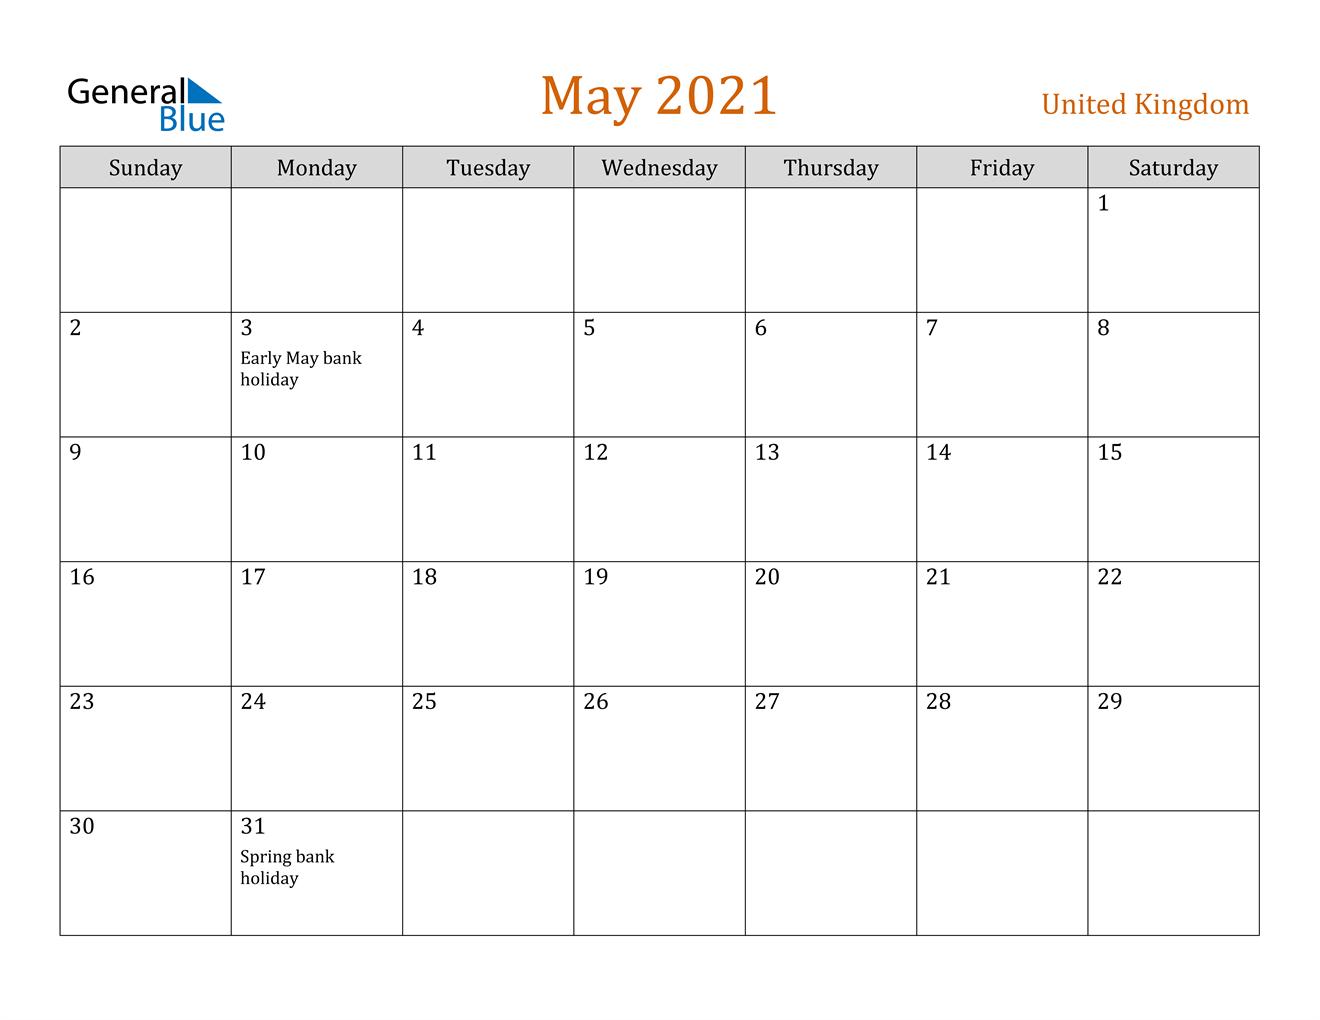 May 2021 Calendar - United Kingdom